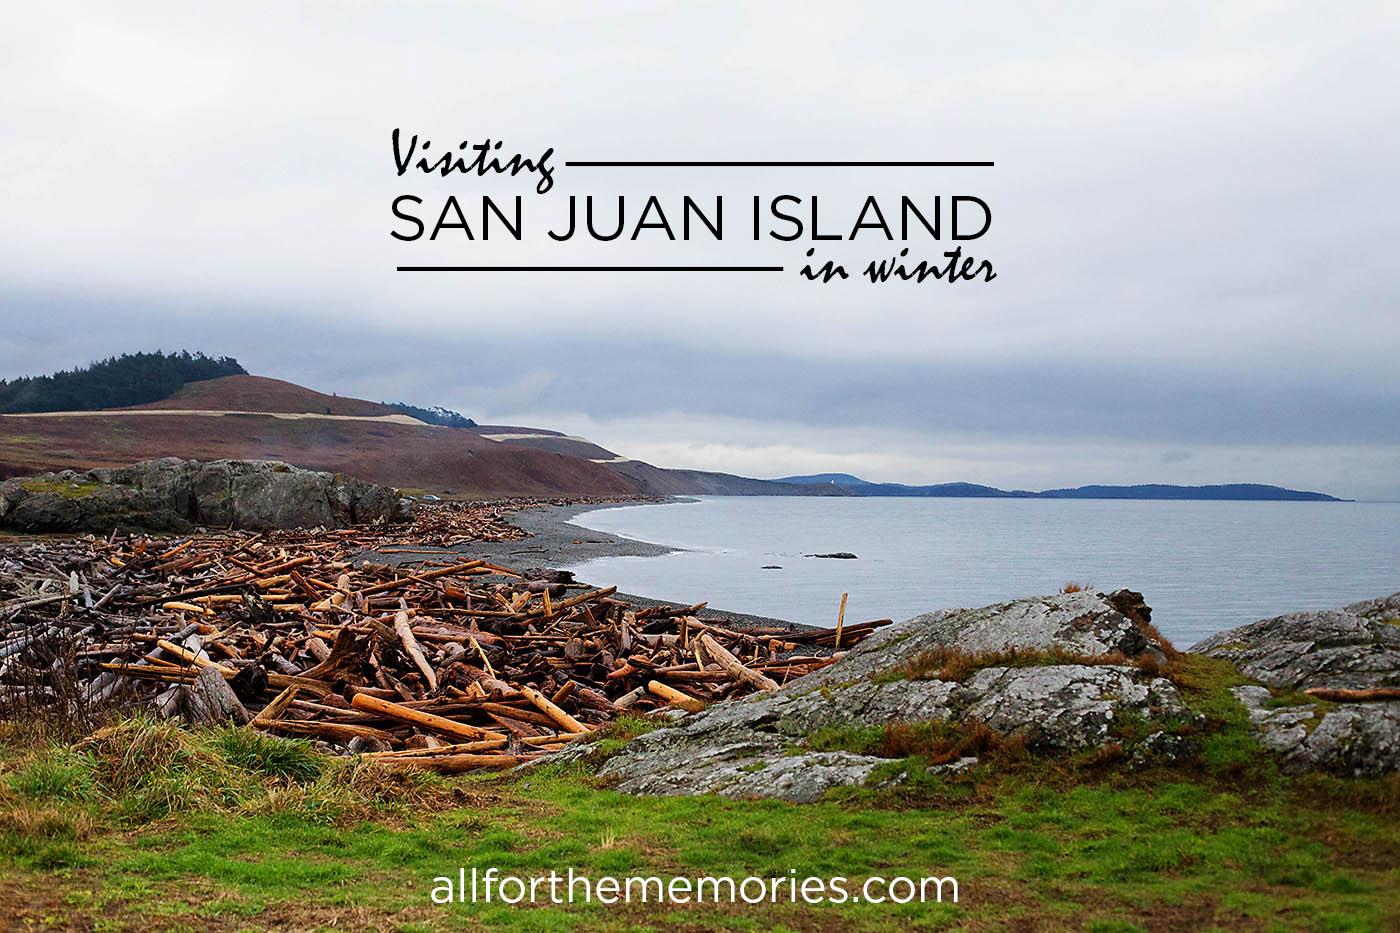 Visiting San Juan Islands in winter